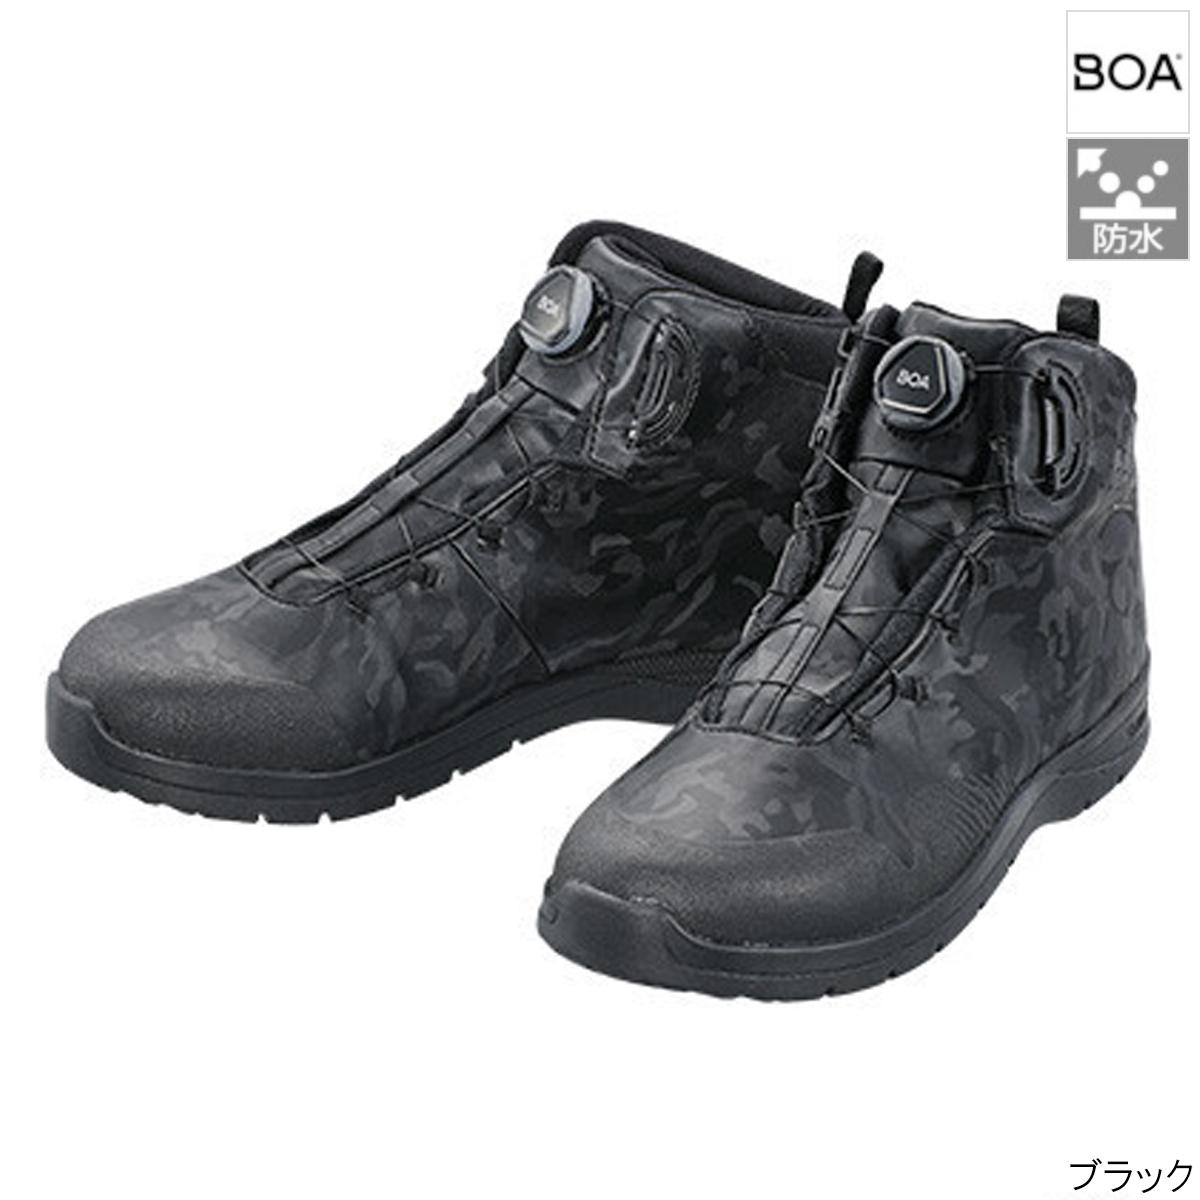 シマノ ボートフィットシューズ HW FH-036T 25.5cm ブラック(東日本店)